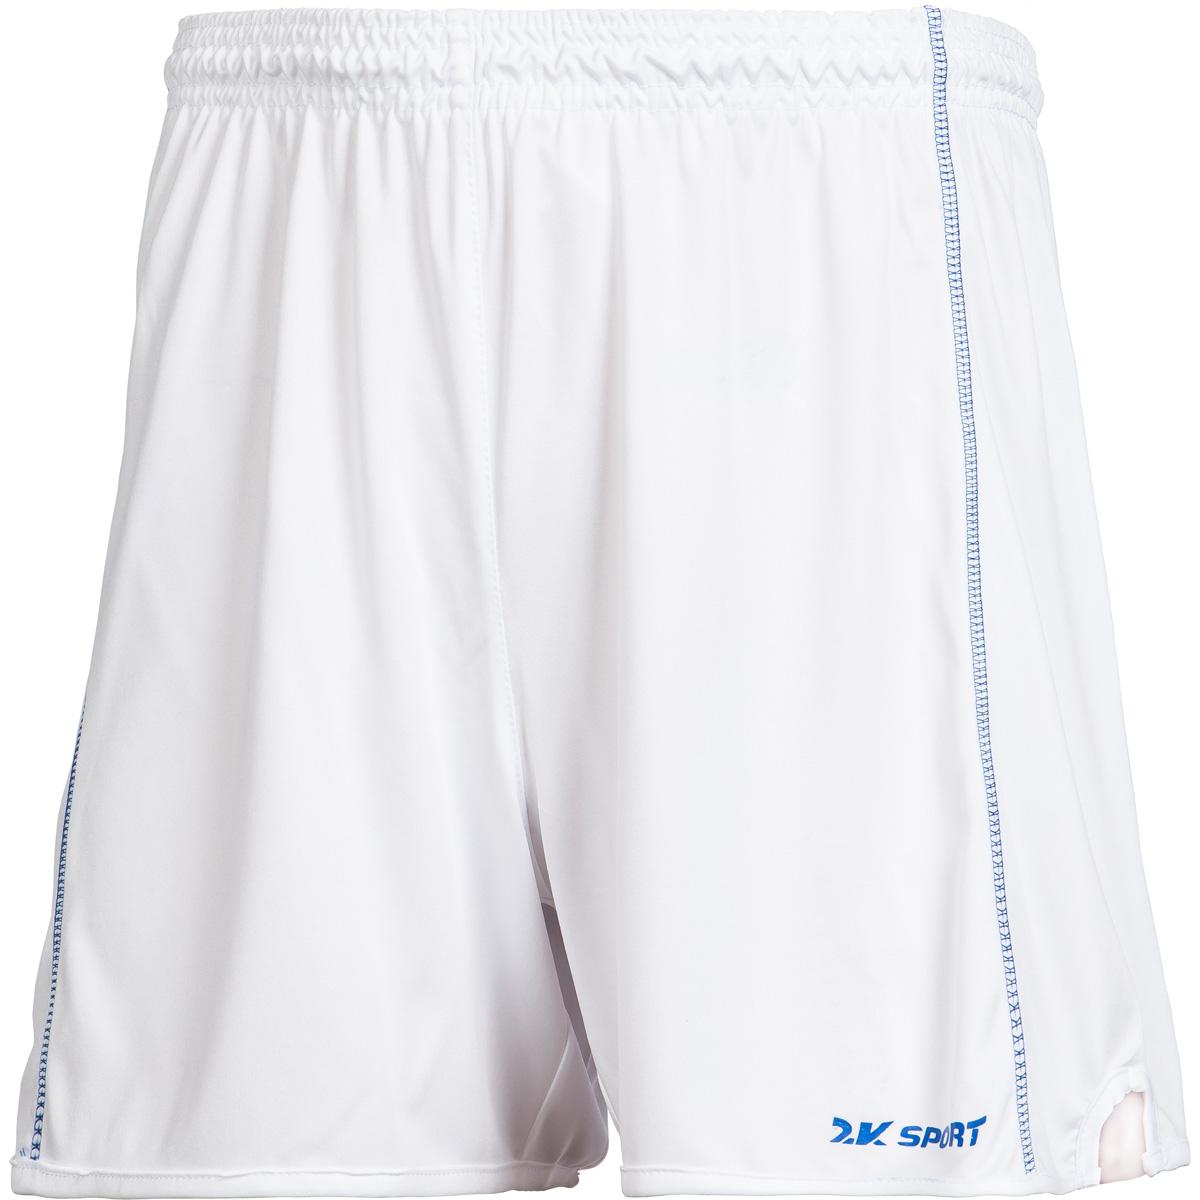 Шорты волейбольные мужские 2K Sport Energy, цвет: белый. 140041. Размер L (50)140041_whiteВолейбольные шорты с контрастными полосами по бокам. Изготовлены из ткани повышенной прочности, дополнены эластичным поясом со шнурками.